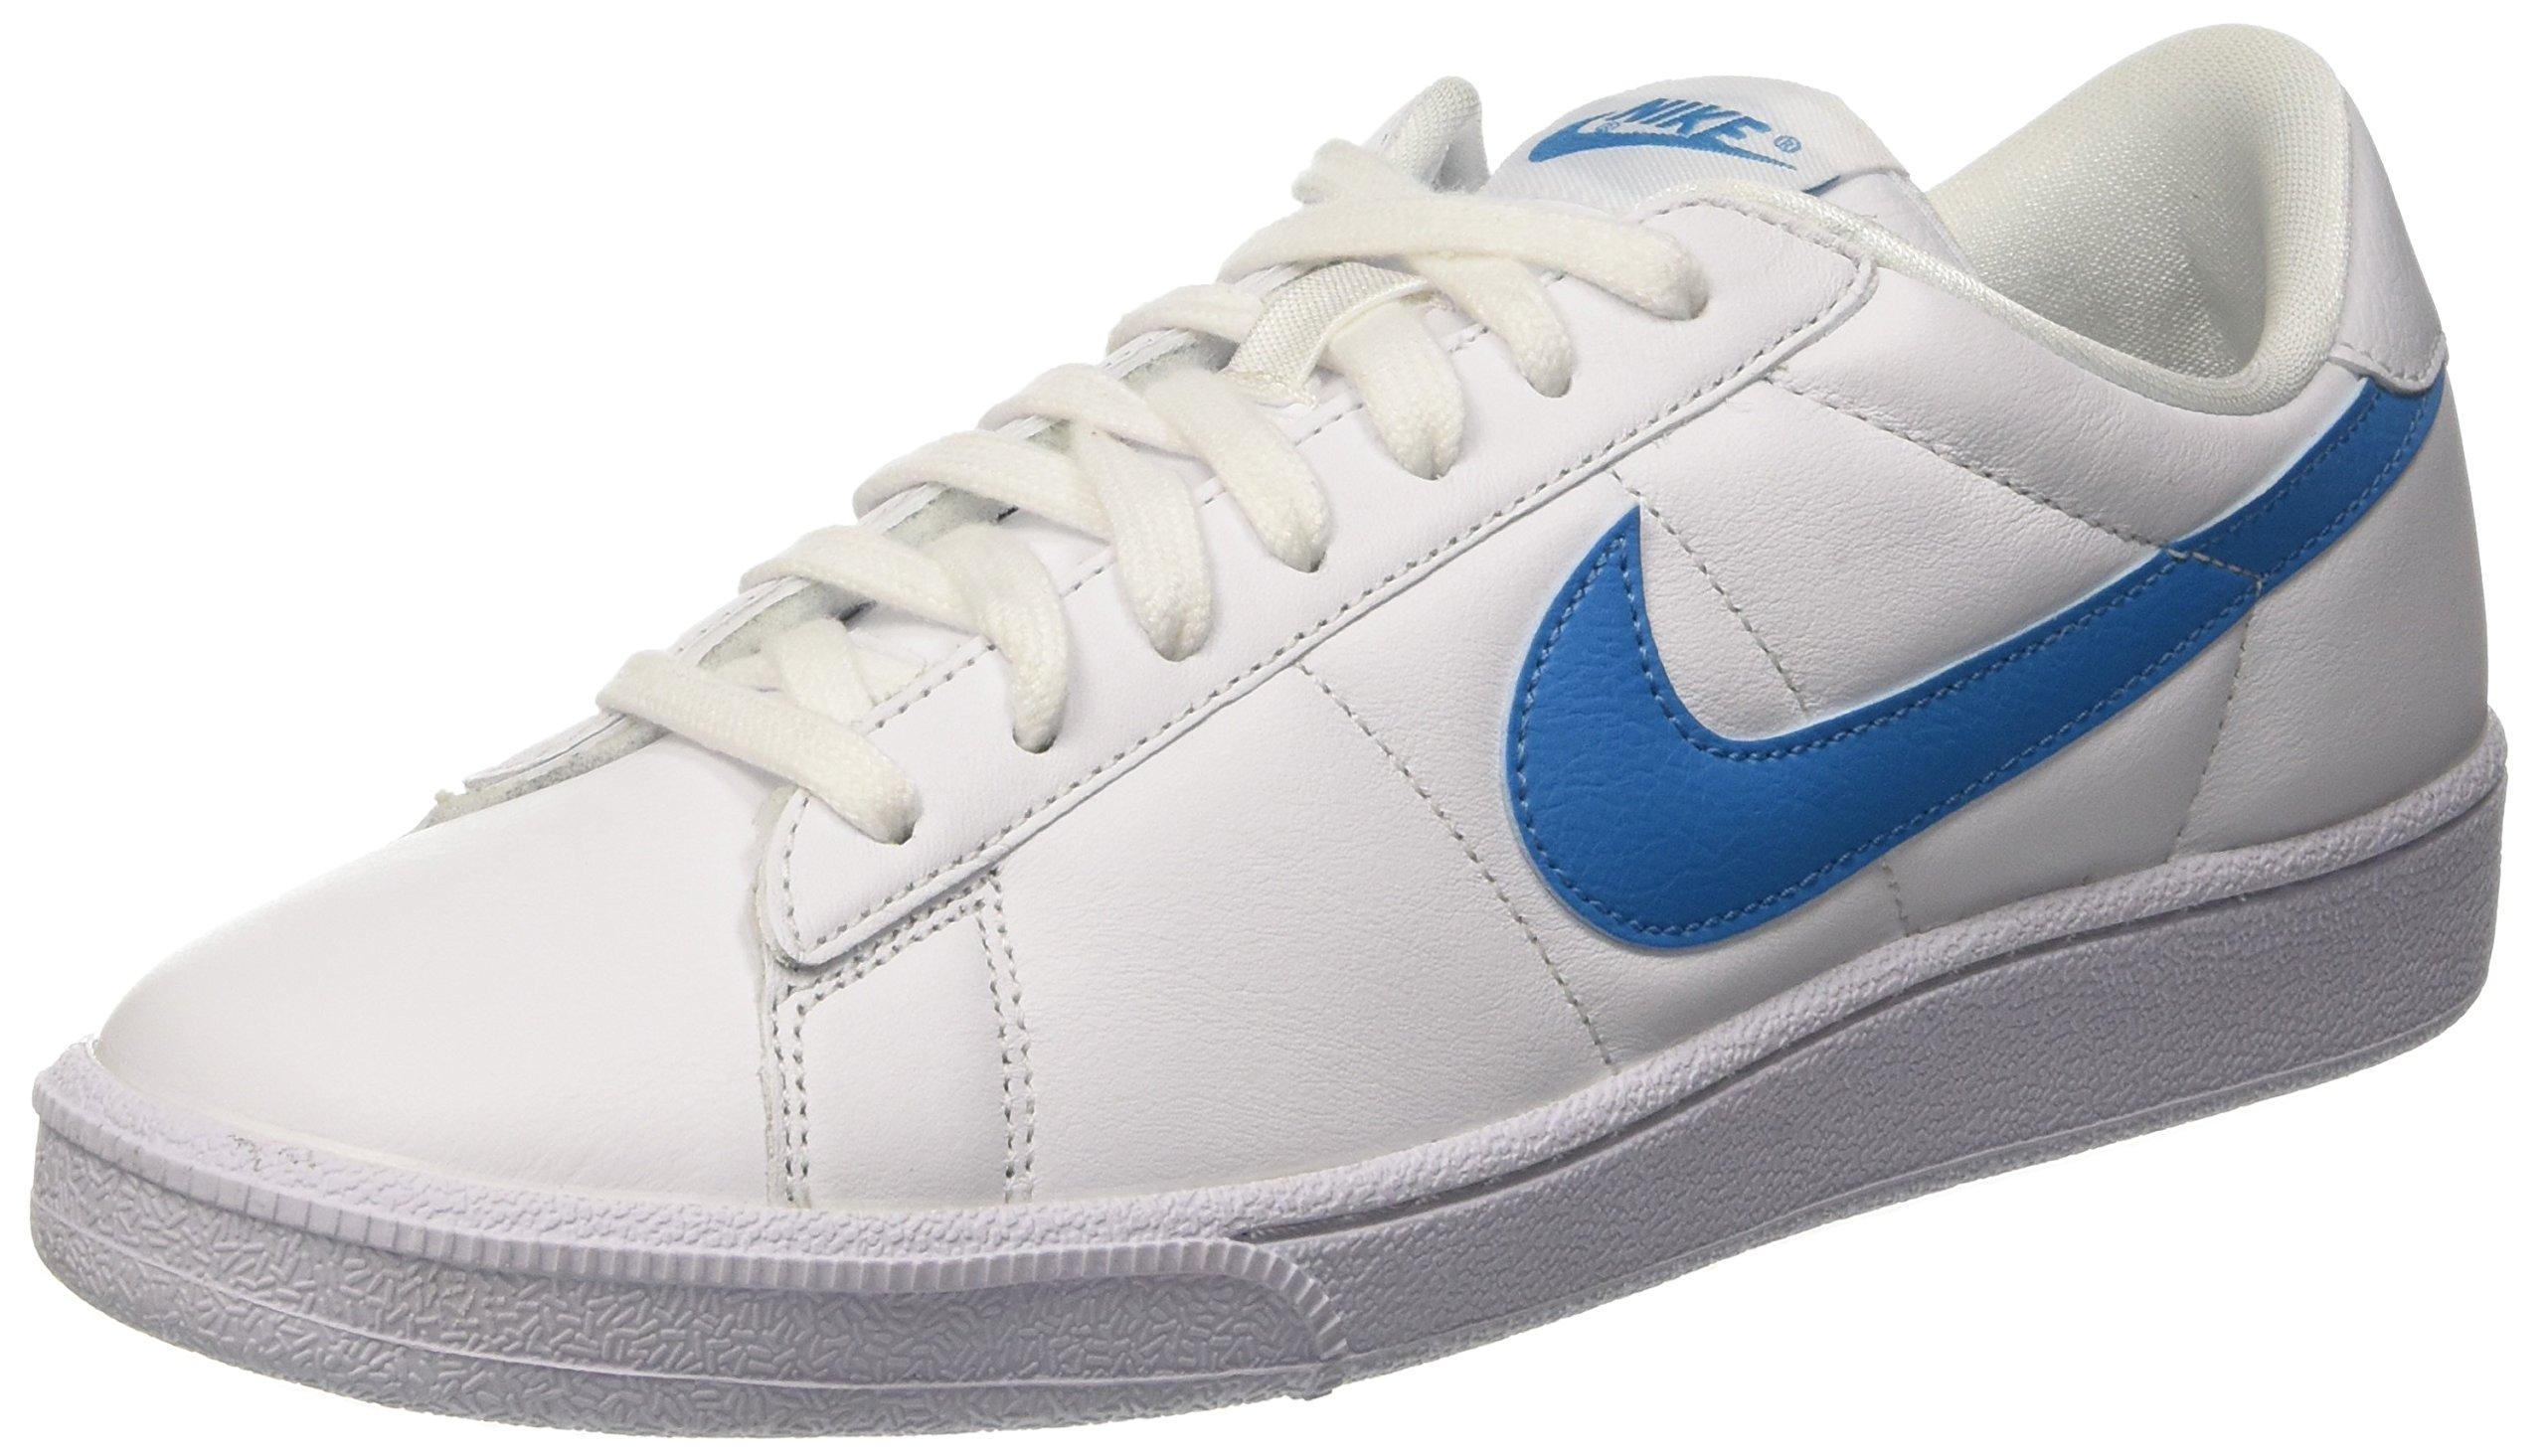 nike uomini tennis classico caviglia alta moda scarpe camoscio bianco 10